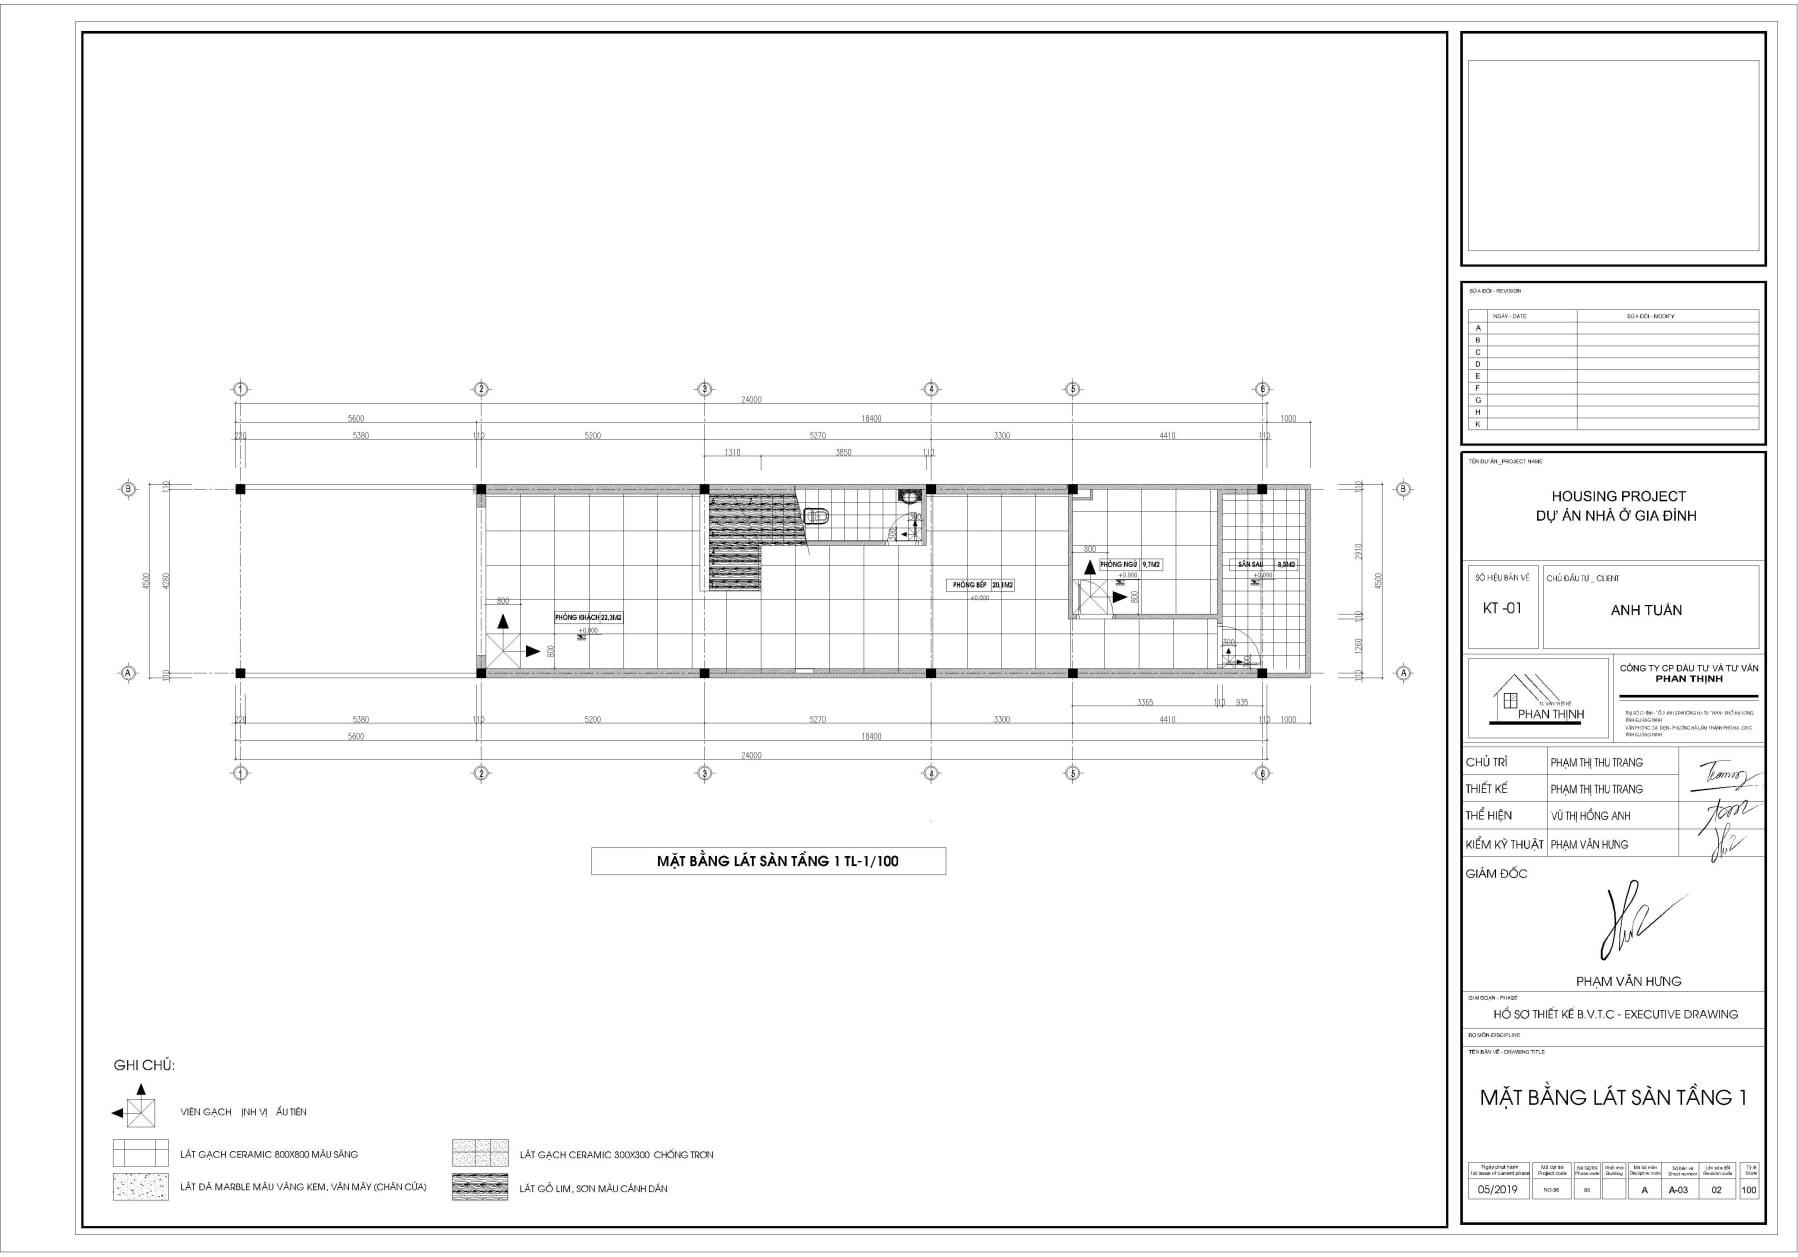 Bản vẽ thiết kế mặt bằng lát sàn tầng 1.